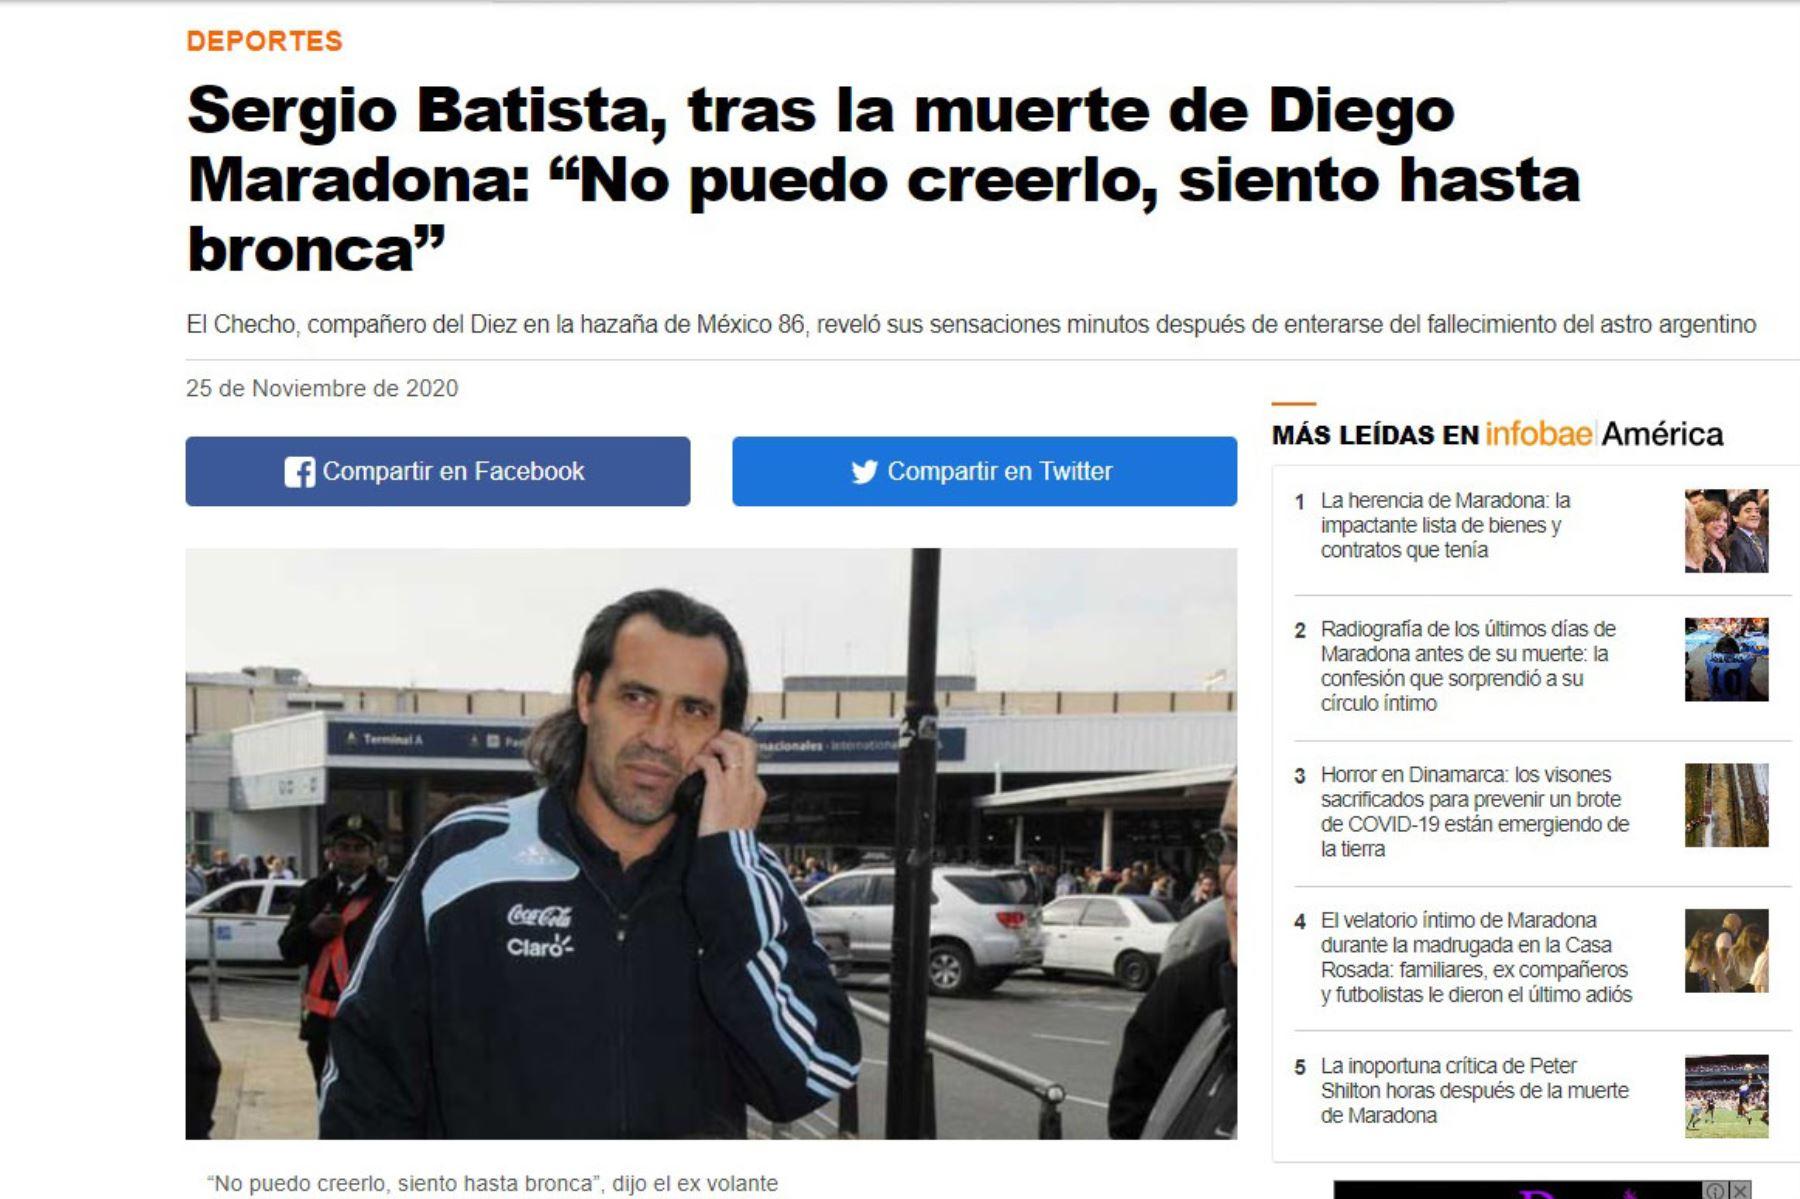 Sergio Batista, ex futbolista y compañero de Diego Armando Maradona en la copa mundial de 1986 , se pronuncia por la muerte del astro argentino .  Foto: Infobae